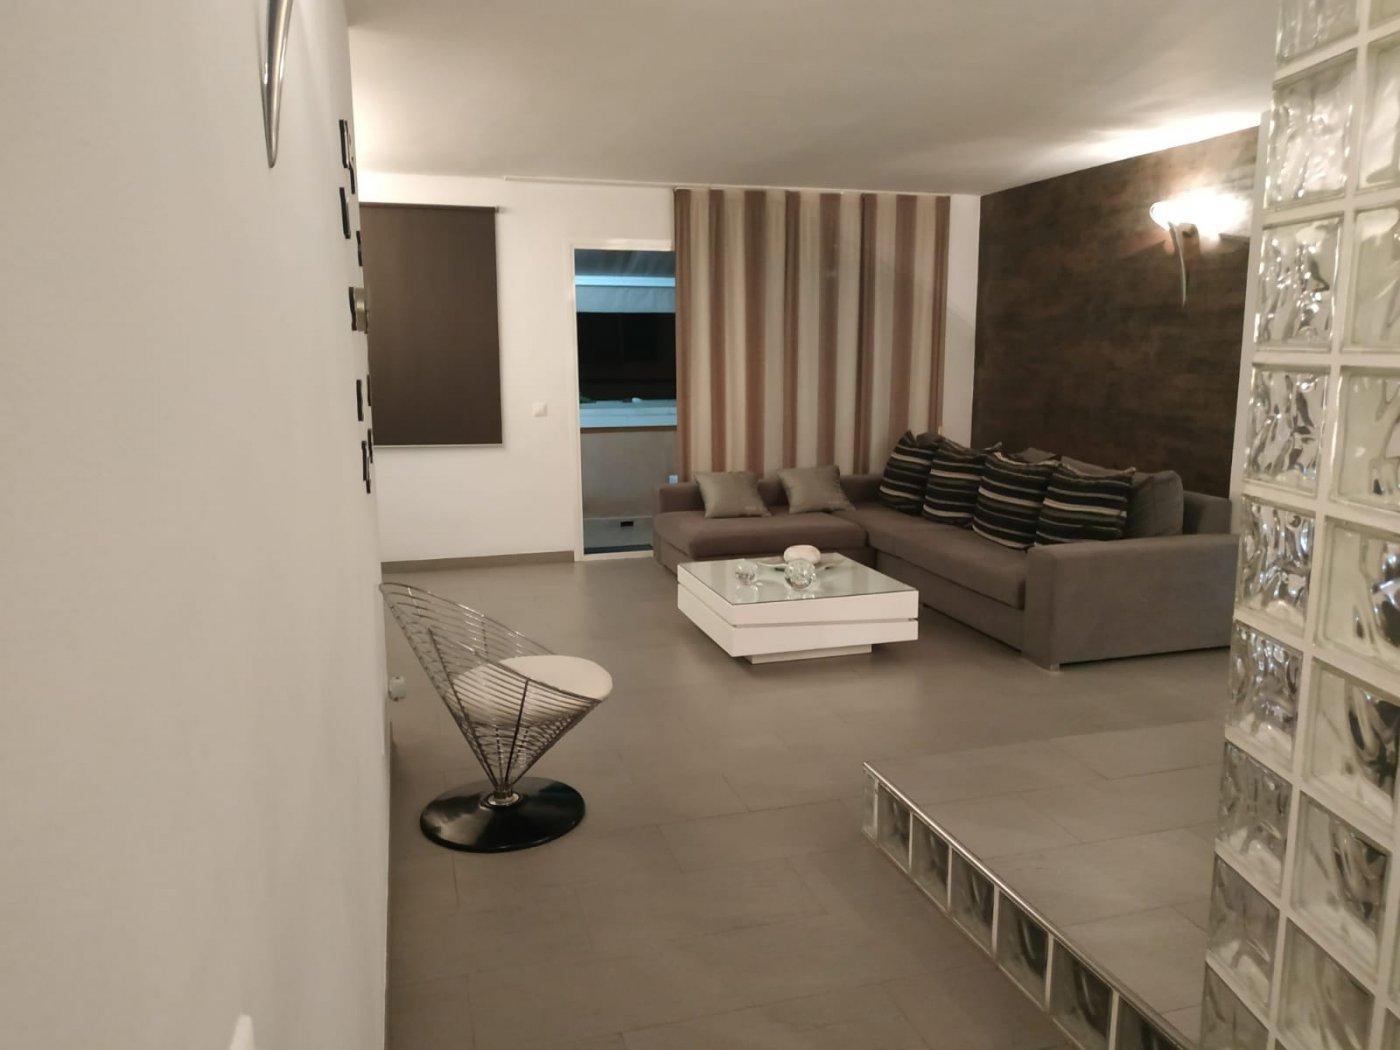 Se vende bonito apartamento semi nuevo con parking en andratx - imagenInmueble5